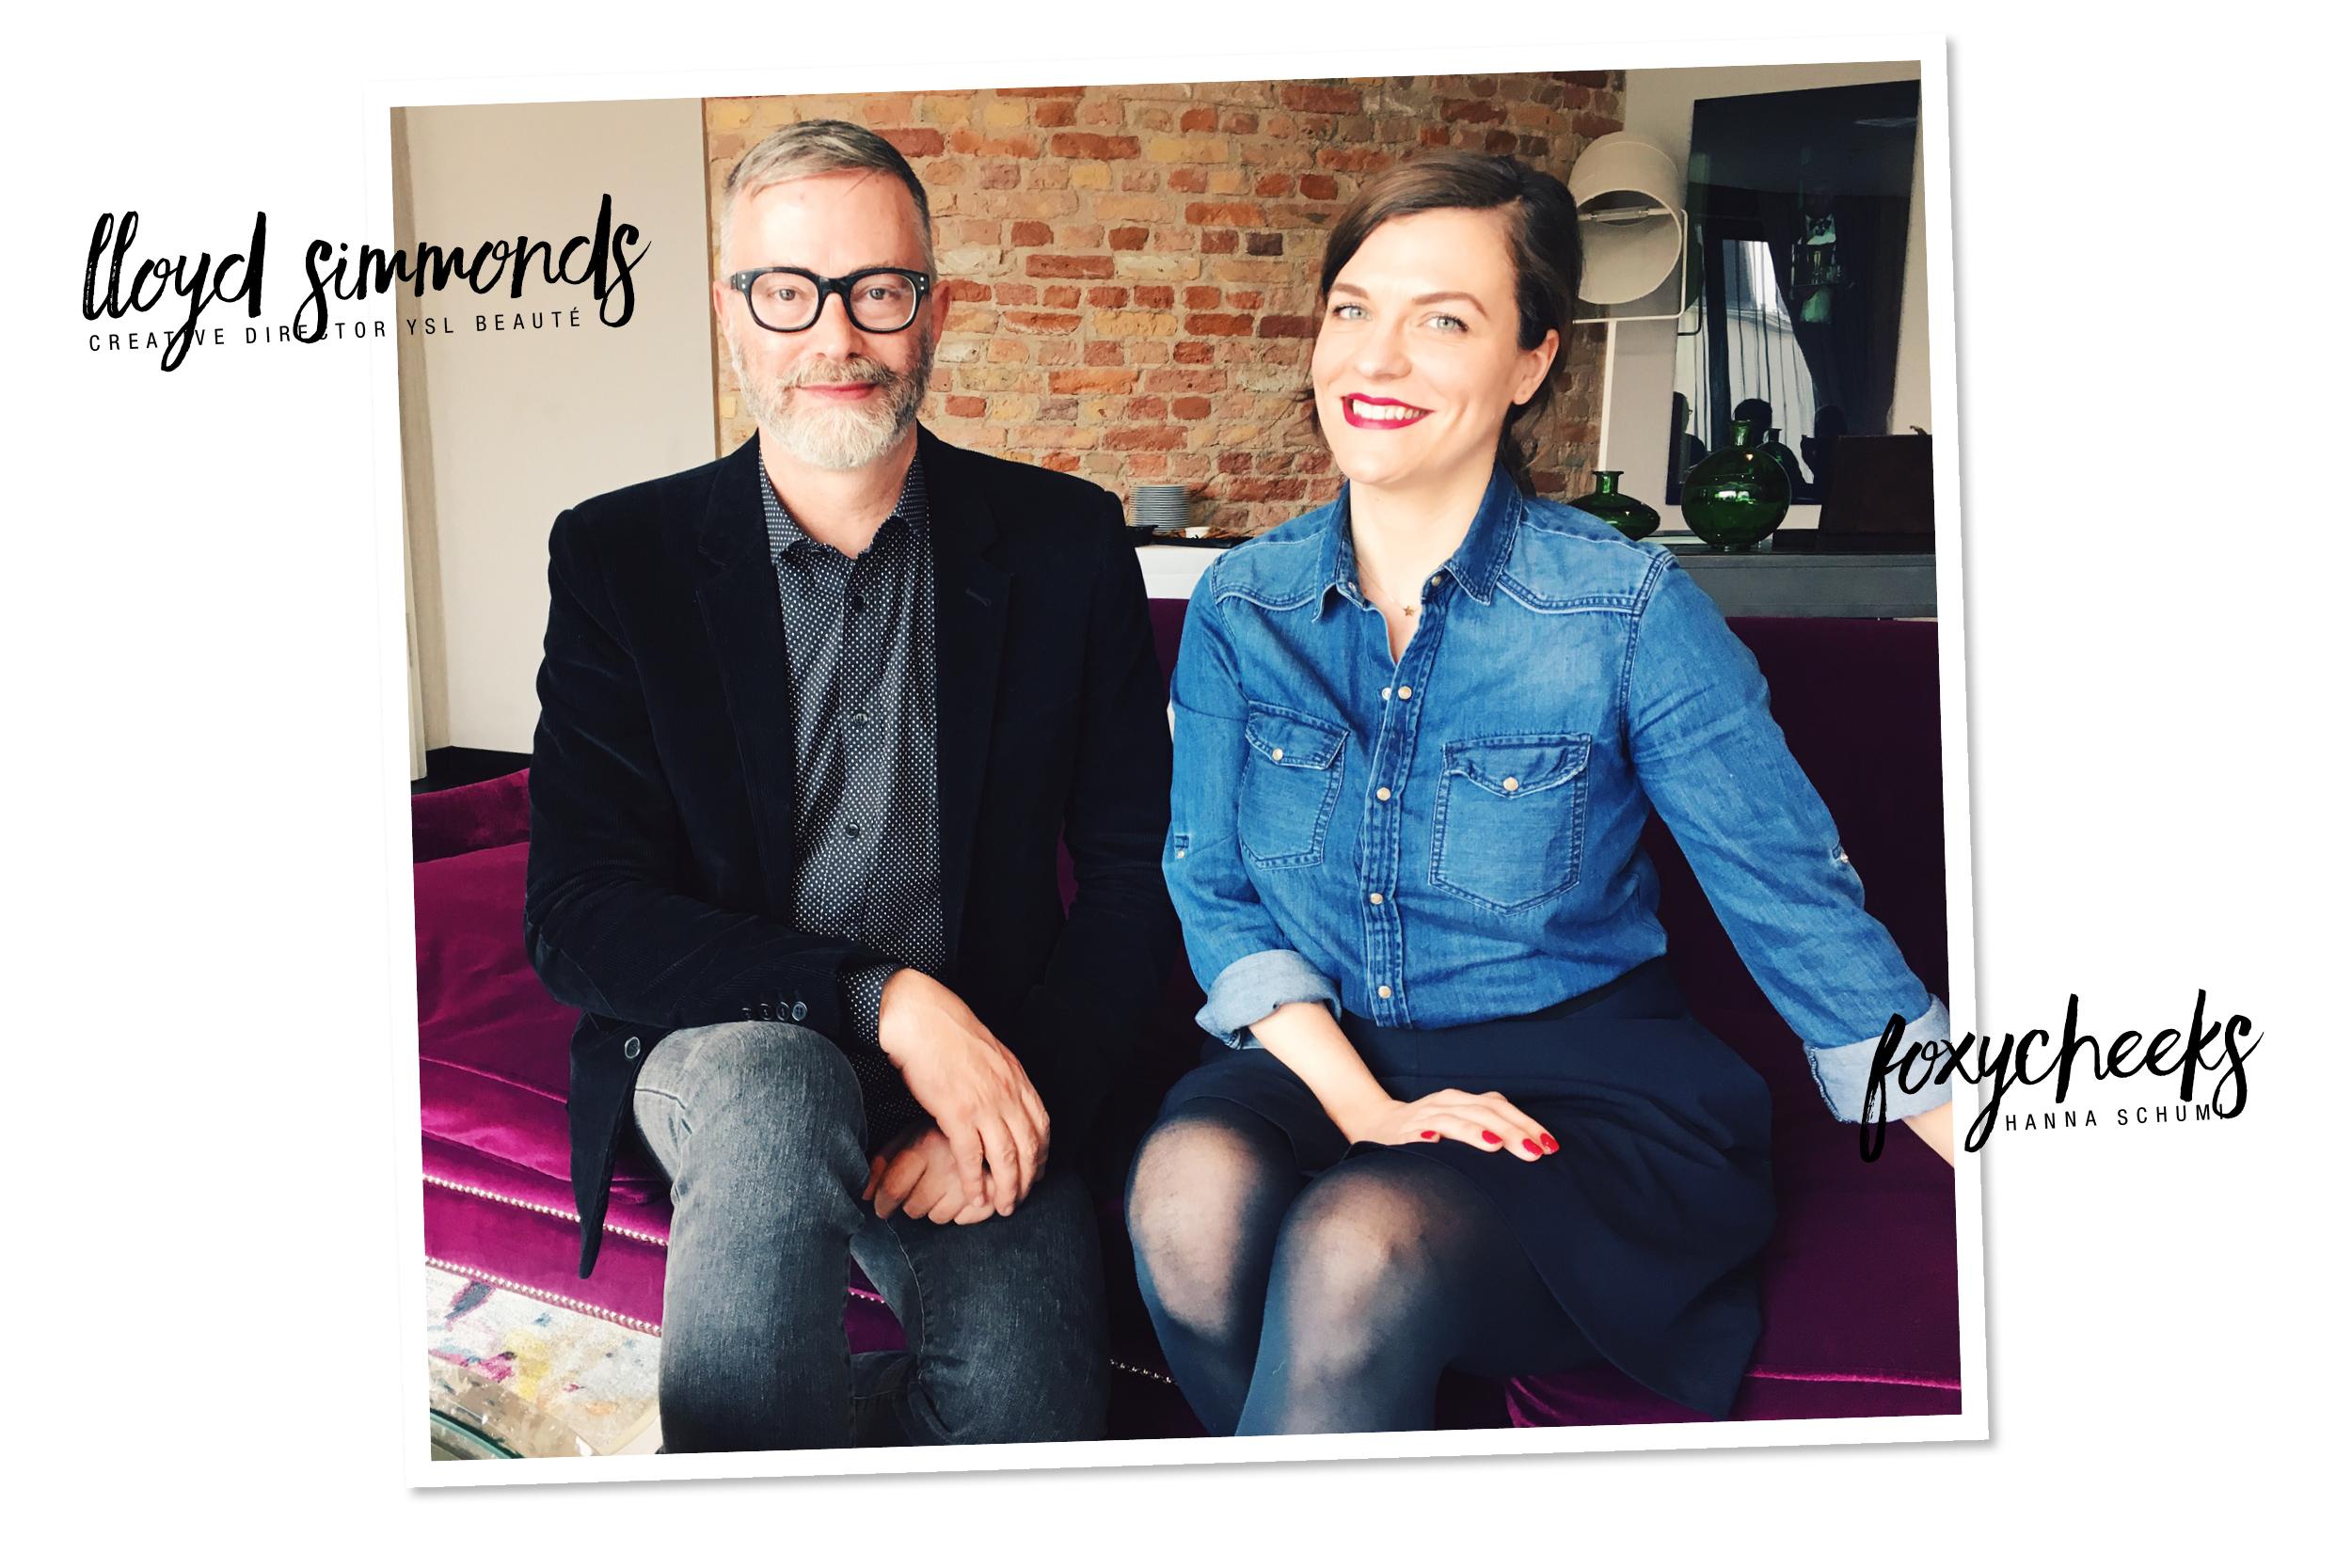 Lloyd Simmonds YSL Beauté / Foxycheeks Beautyblog